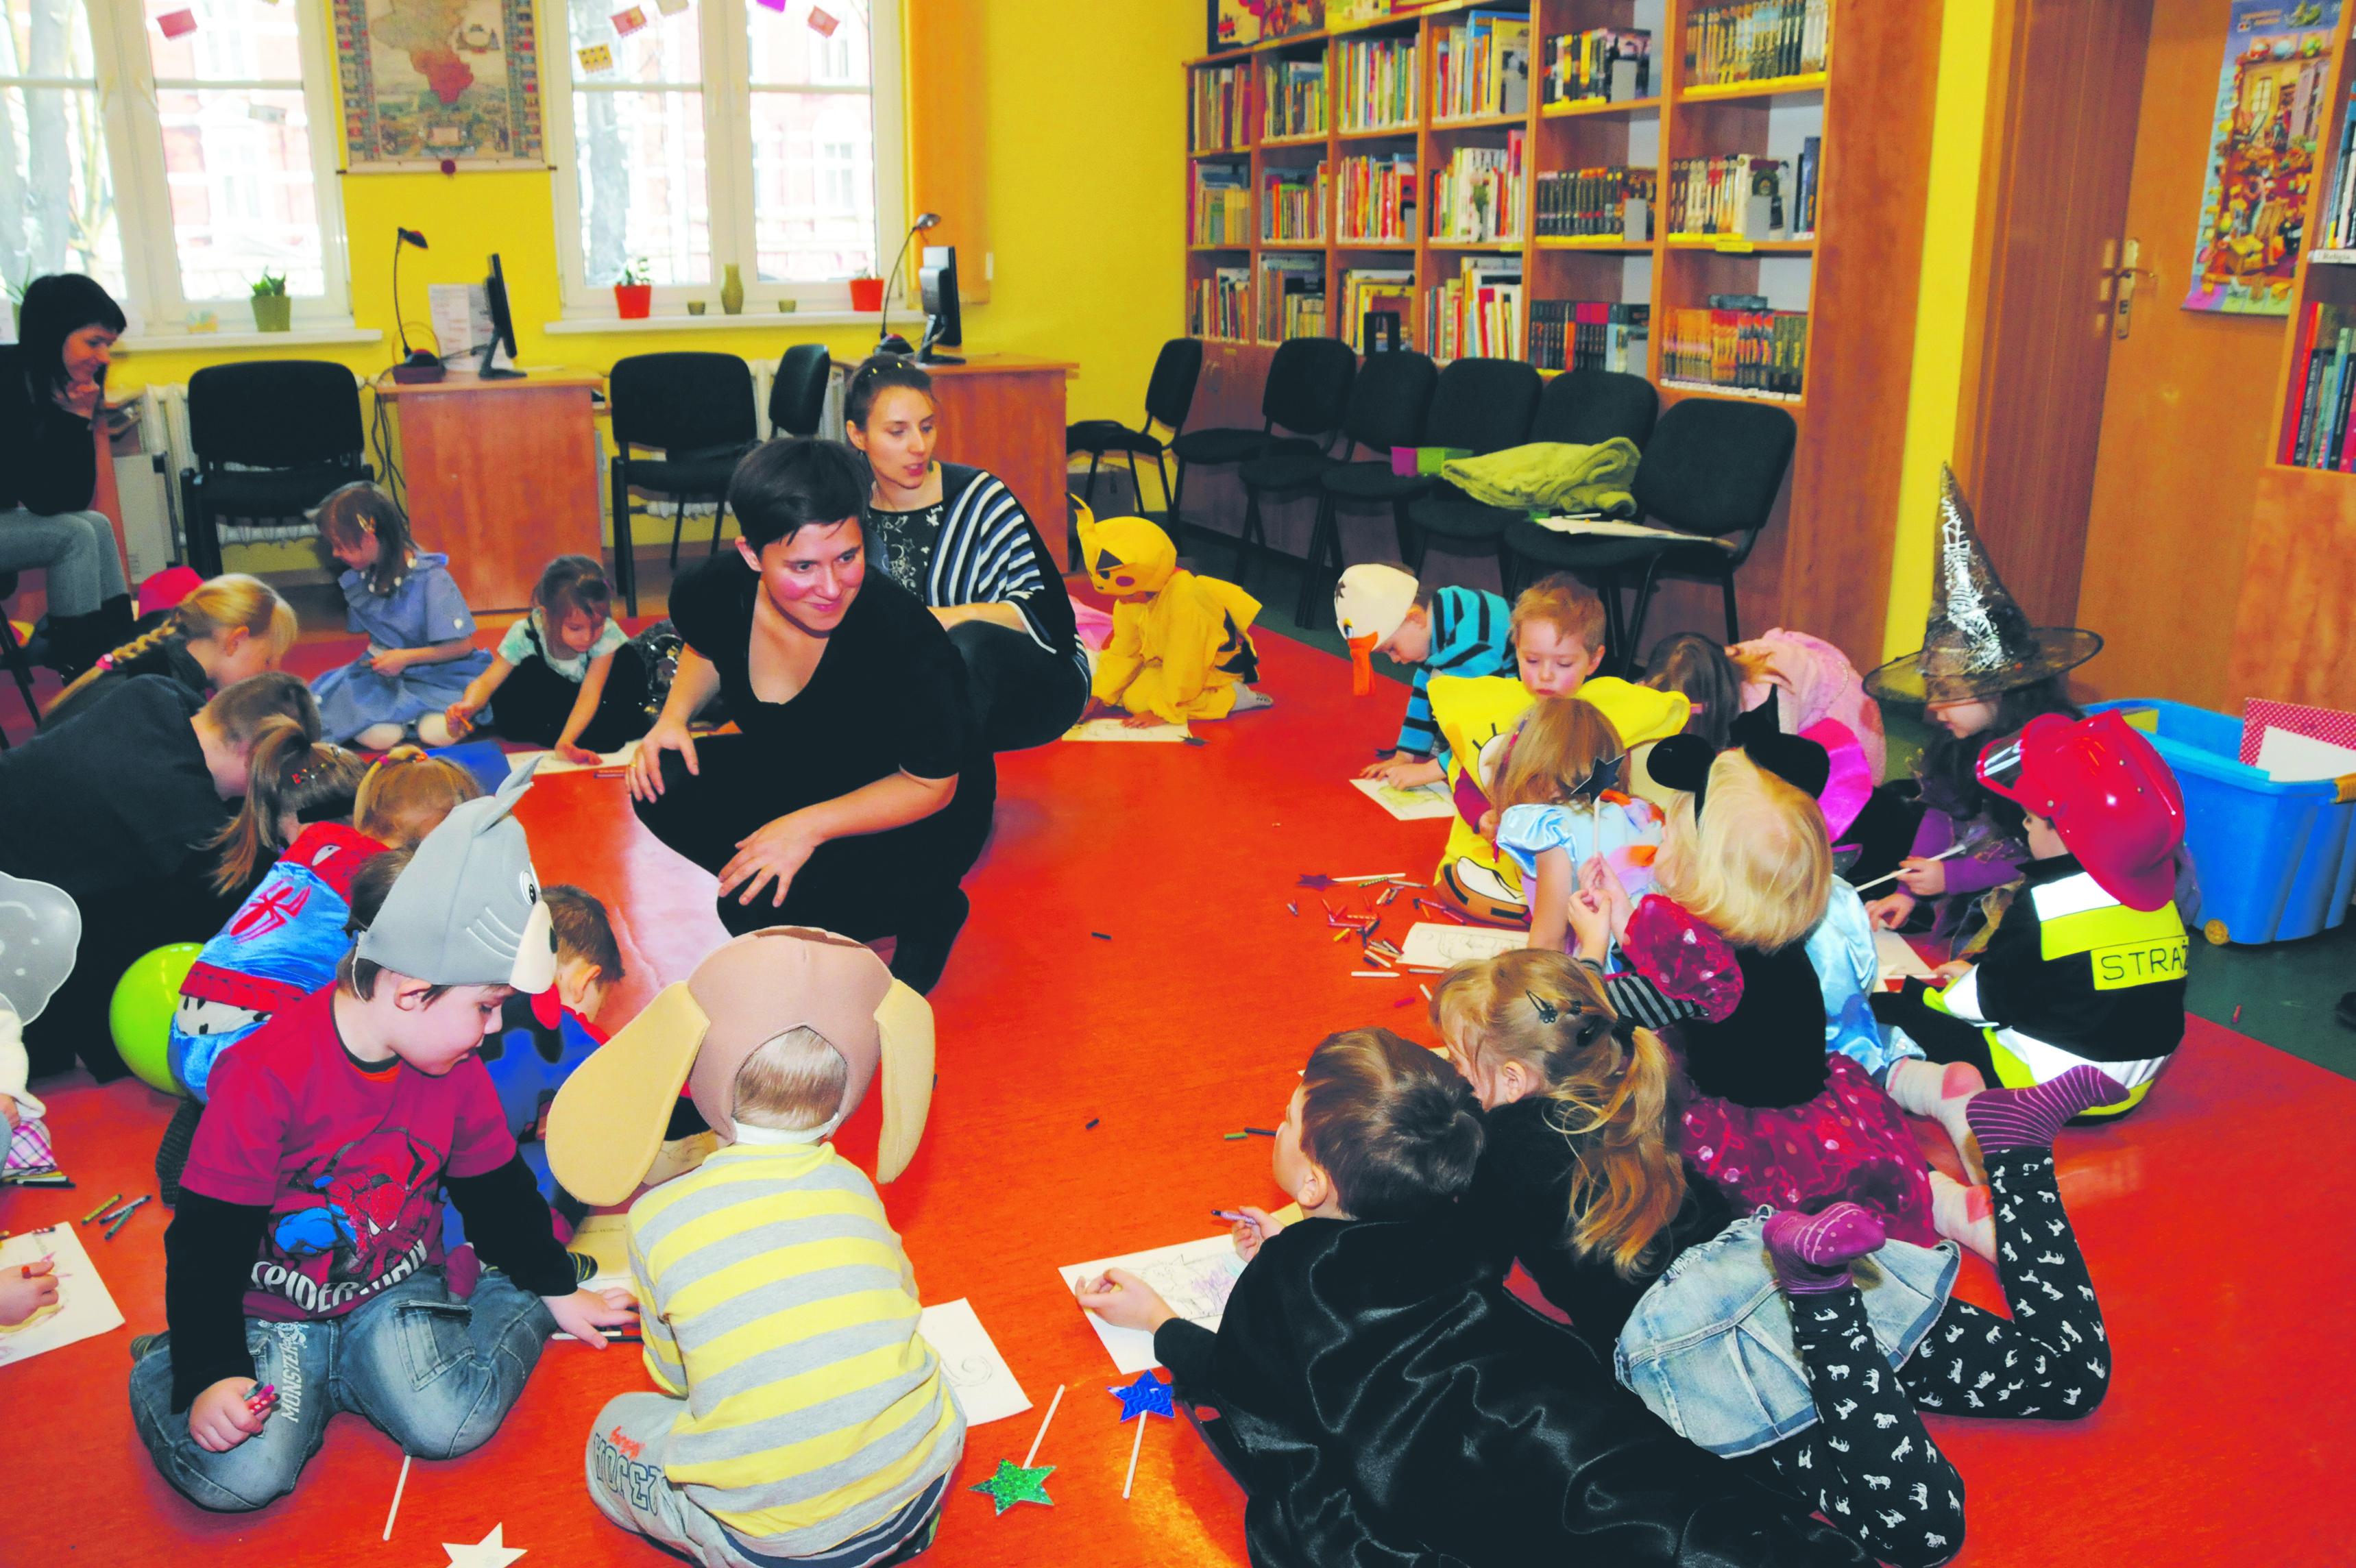 zajęcia dla dzieci między regałami